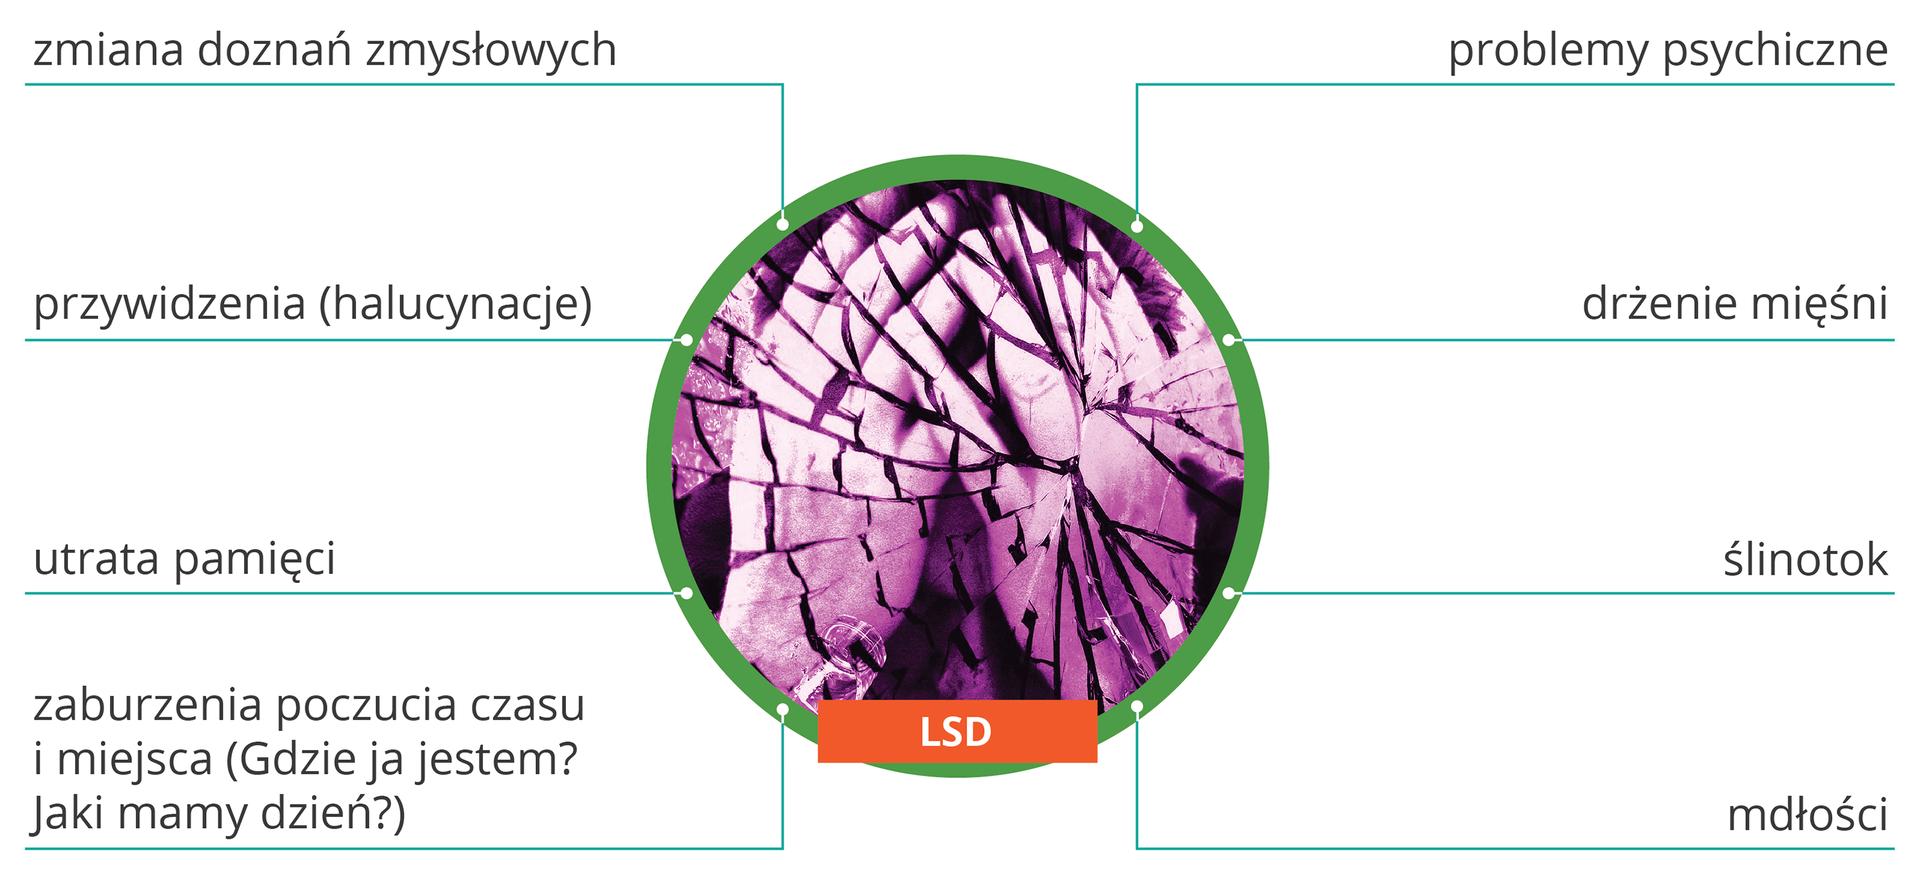 Ilustracja przedstawia różne skutki wpwu LSD na organizm: zmiana doznań zmysłowych, przywidzenia (halucynacje), zaburzenia poczucia czasu imiejsca ( gdzie ja jestem? Jaki mamy dzień?), utrata pamięci, problemy psychiczne, drżenie mięśni, ślinotok, mdłości.